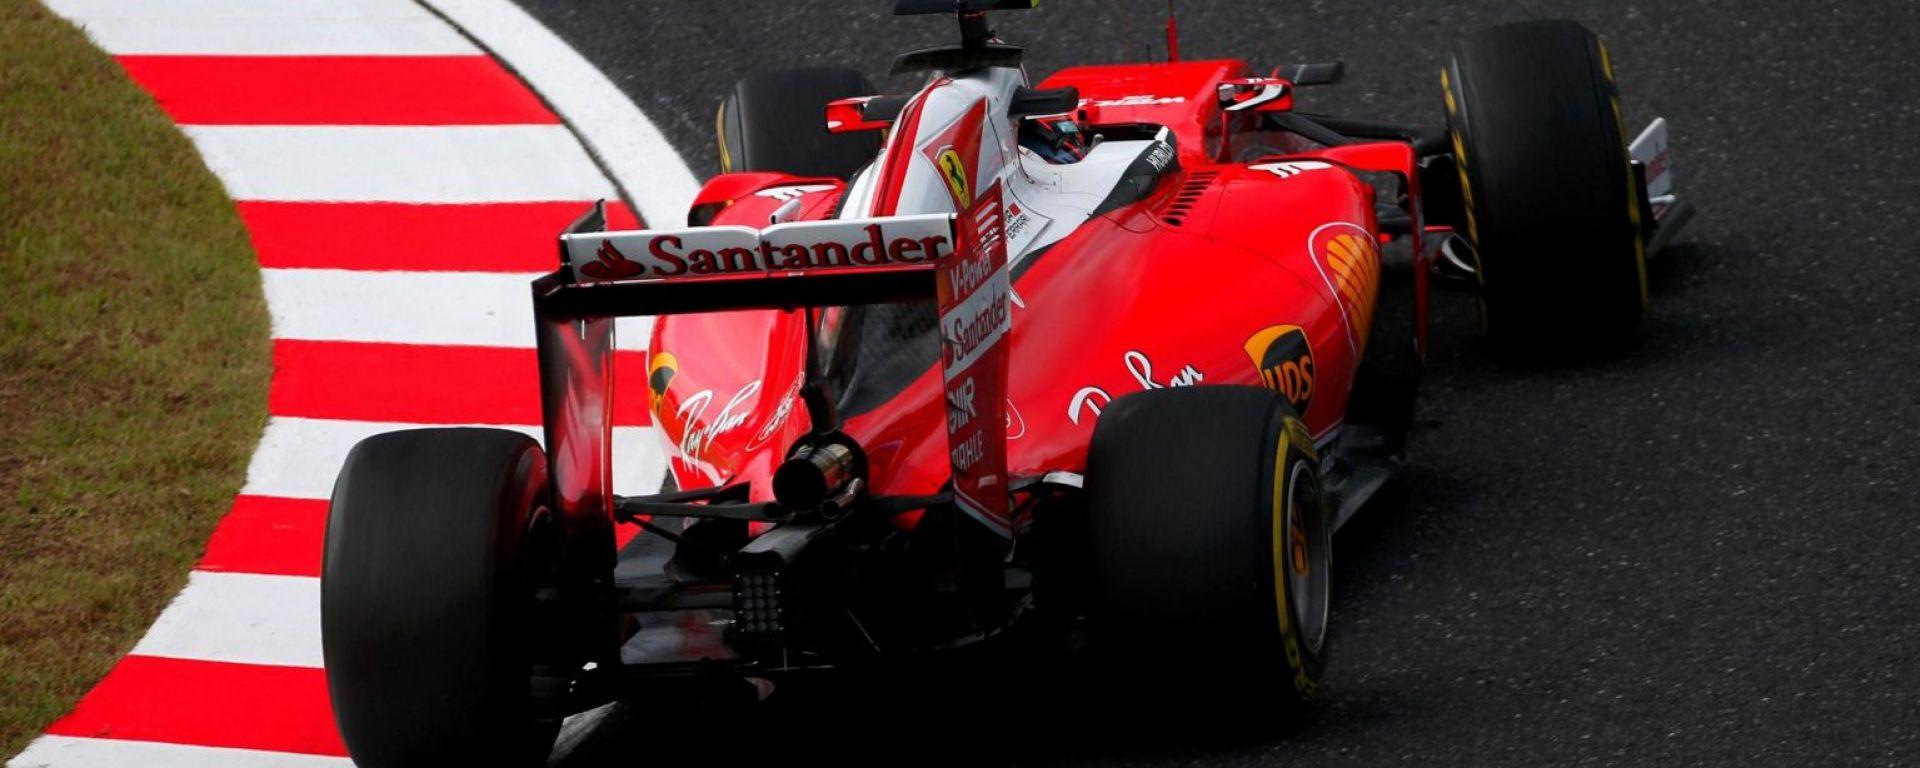 Raikkonen e Vettel, GP del Giappone: non siamo dove vorremmo essere